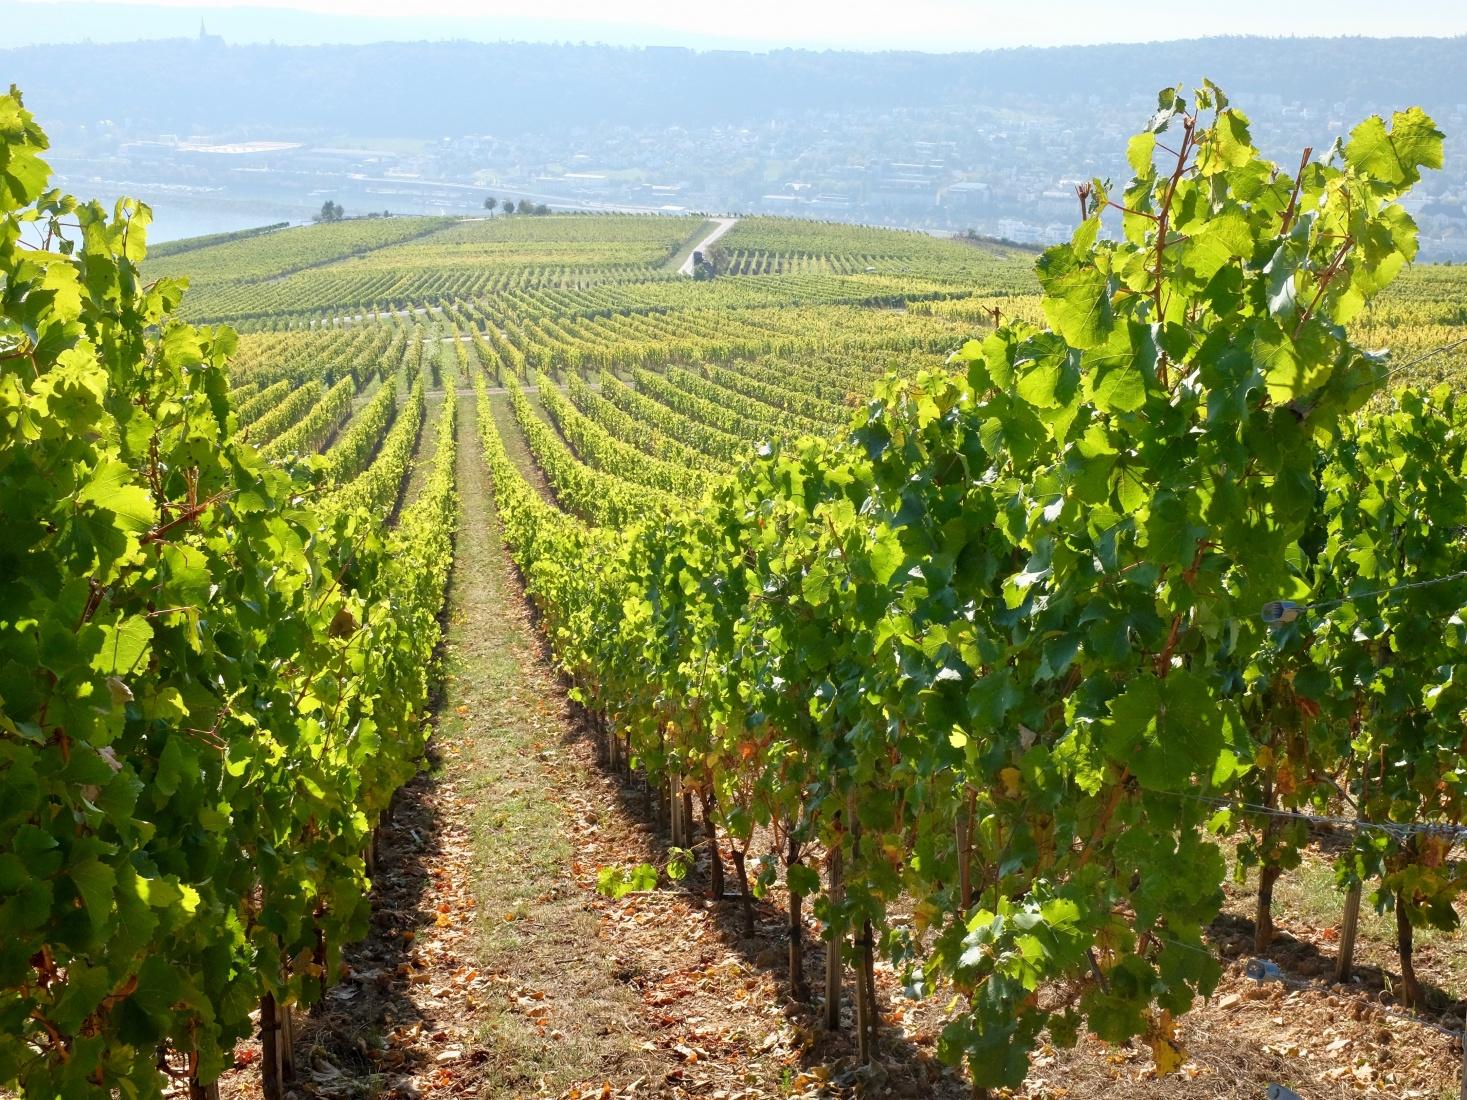 Vineyards in Ruedesheim am Rhein, Germany.